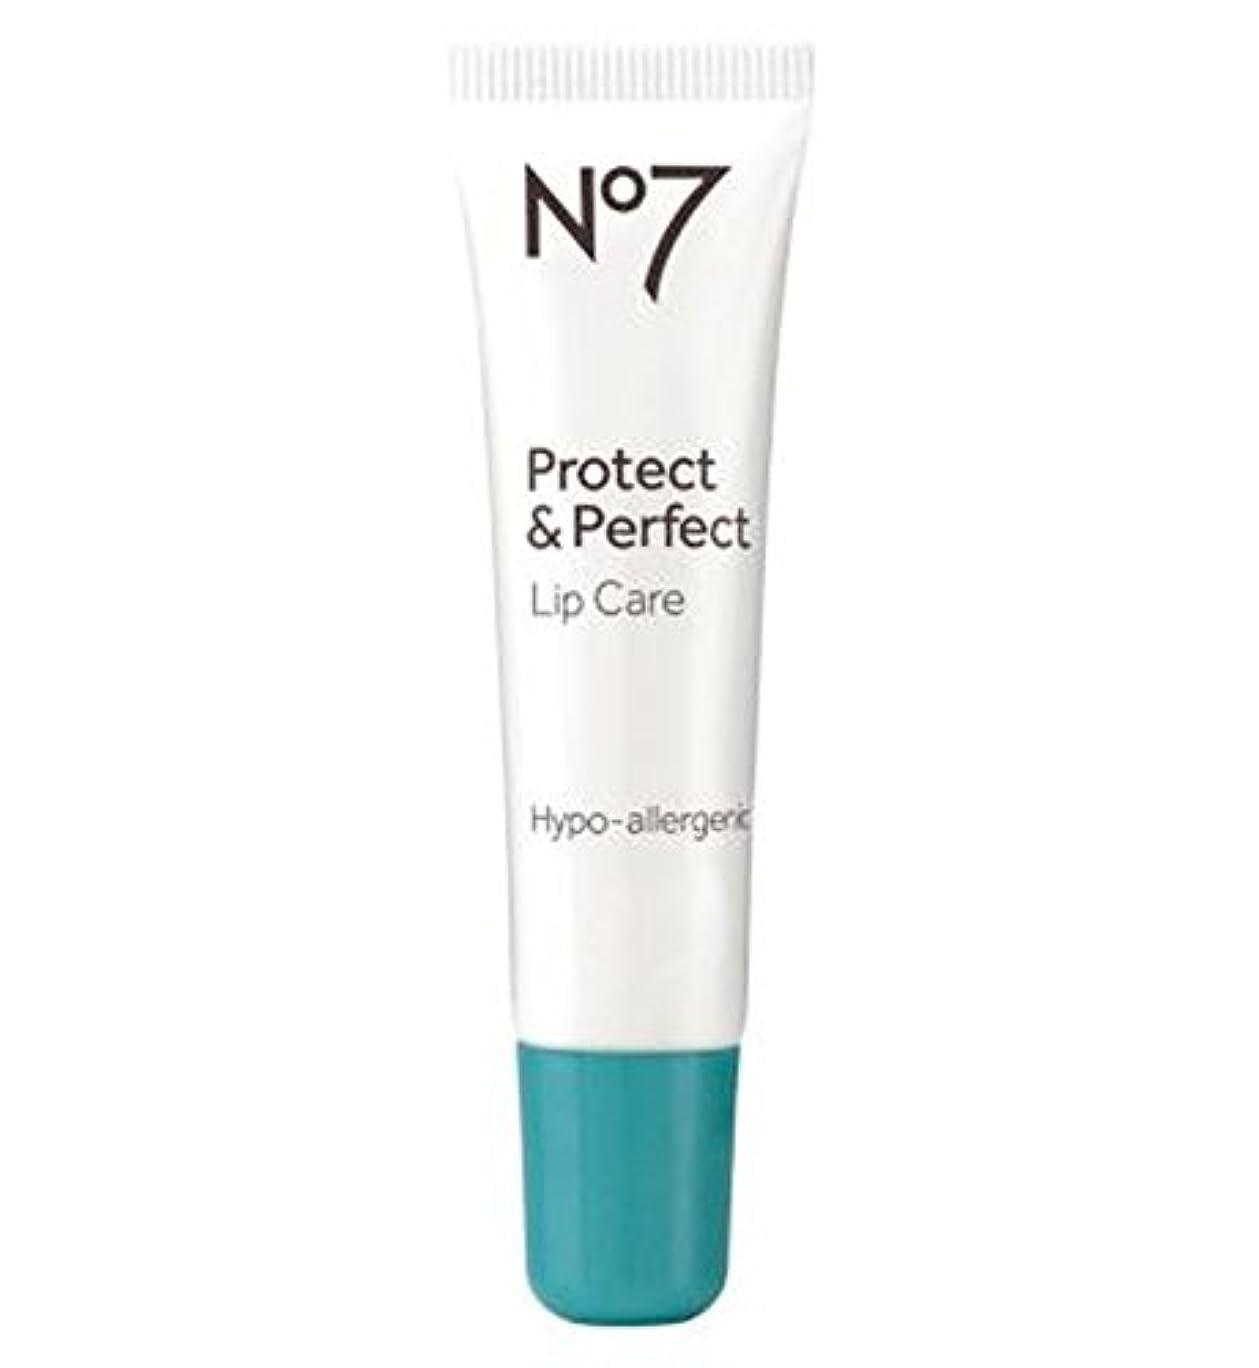 ソーセージ備品見分けるNo7保護&完璧なリップケア10ミリリットル (No7) (x2) - No7 Protect & Perfect Lip Care 10ml (Pack of 2) [並行輸入品]